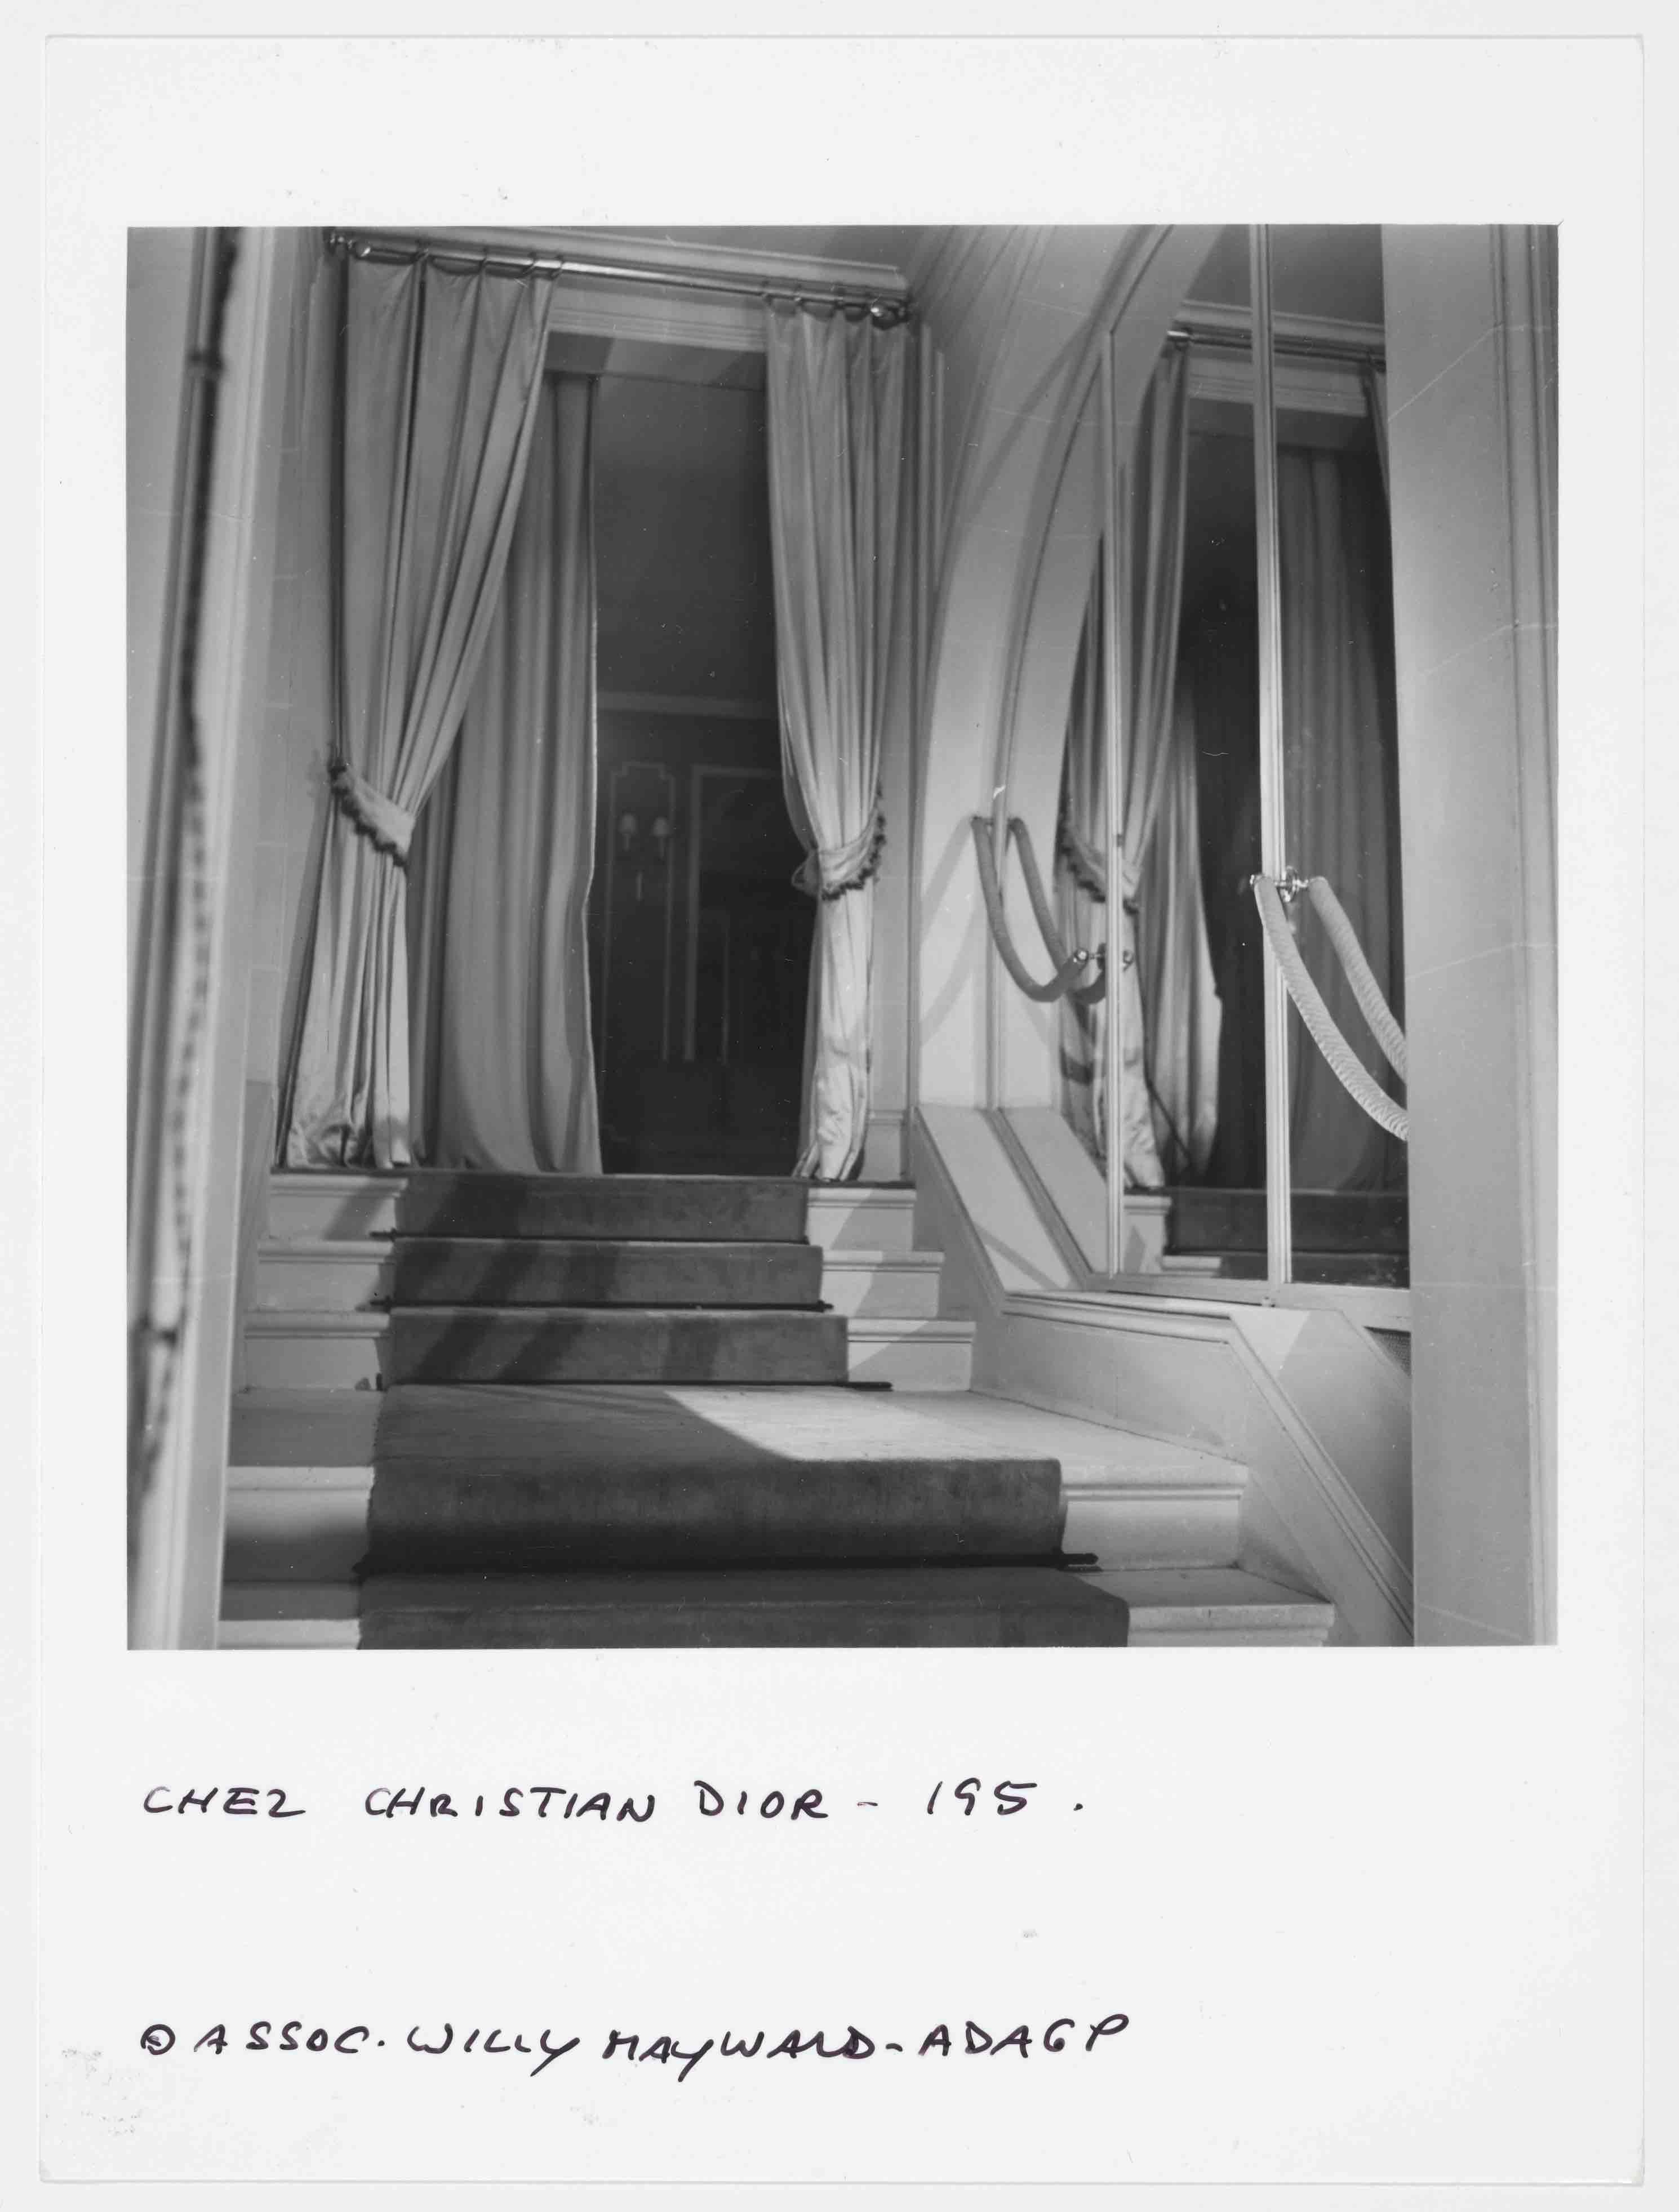 Al Museo Christian Dior di Grenville, la mostra Les Trésors De La Collection, le foto